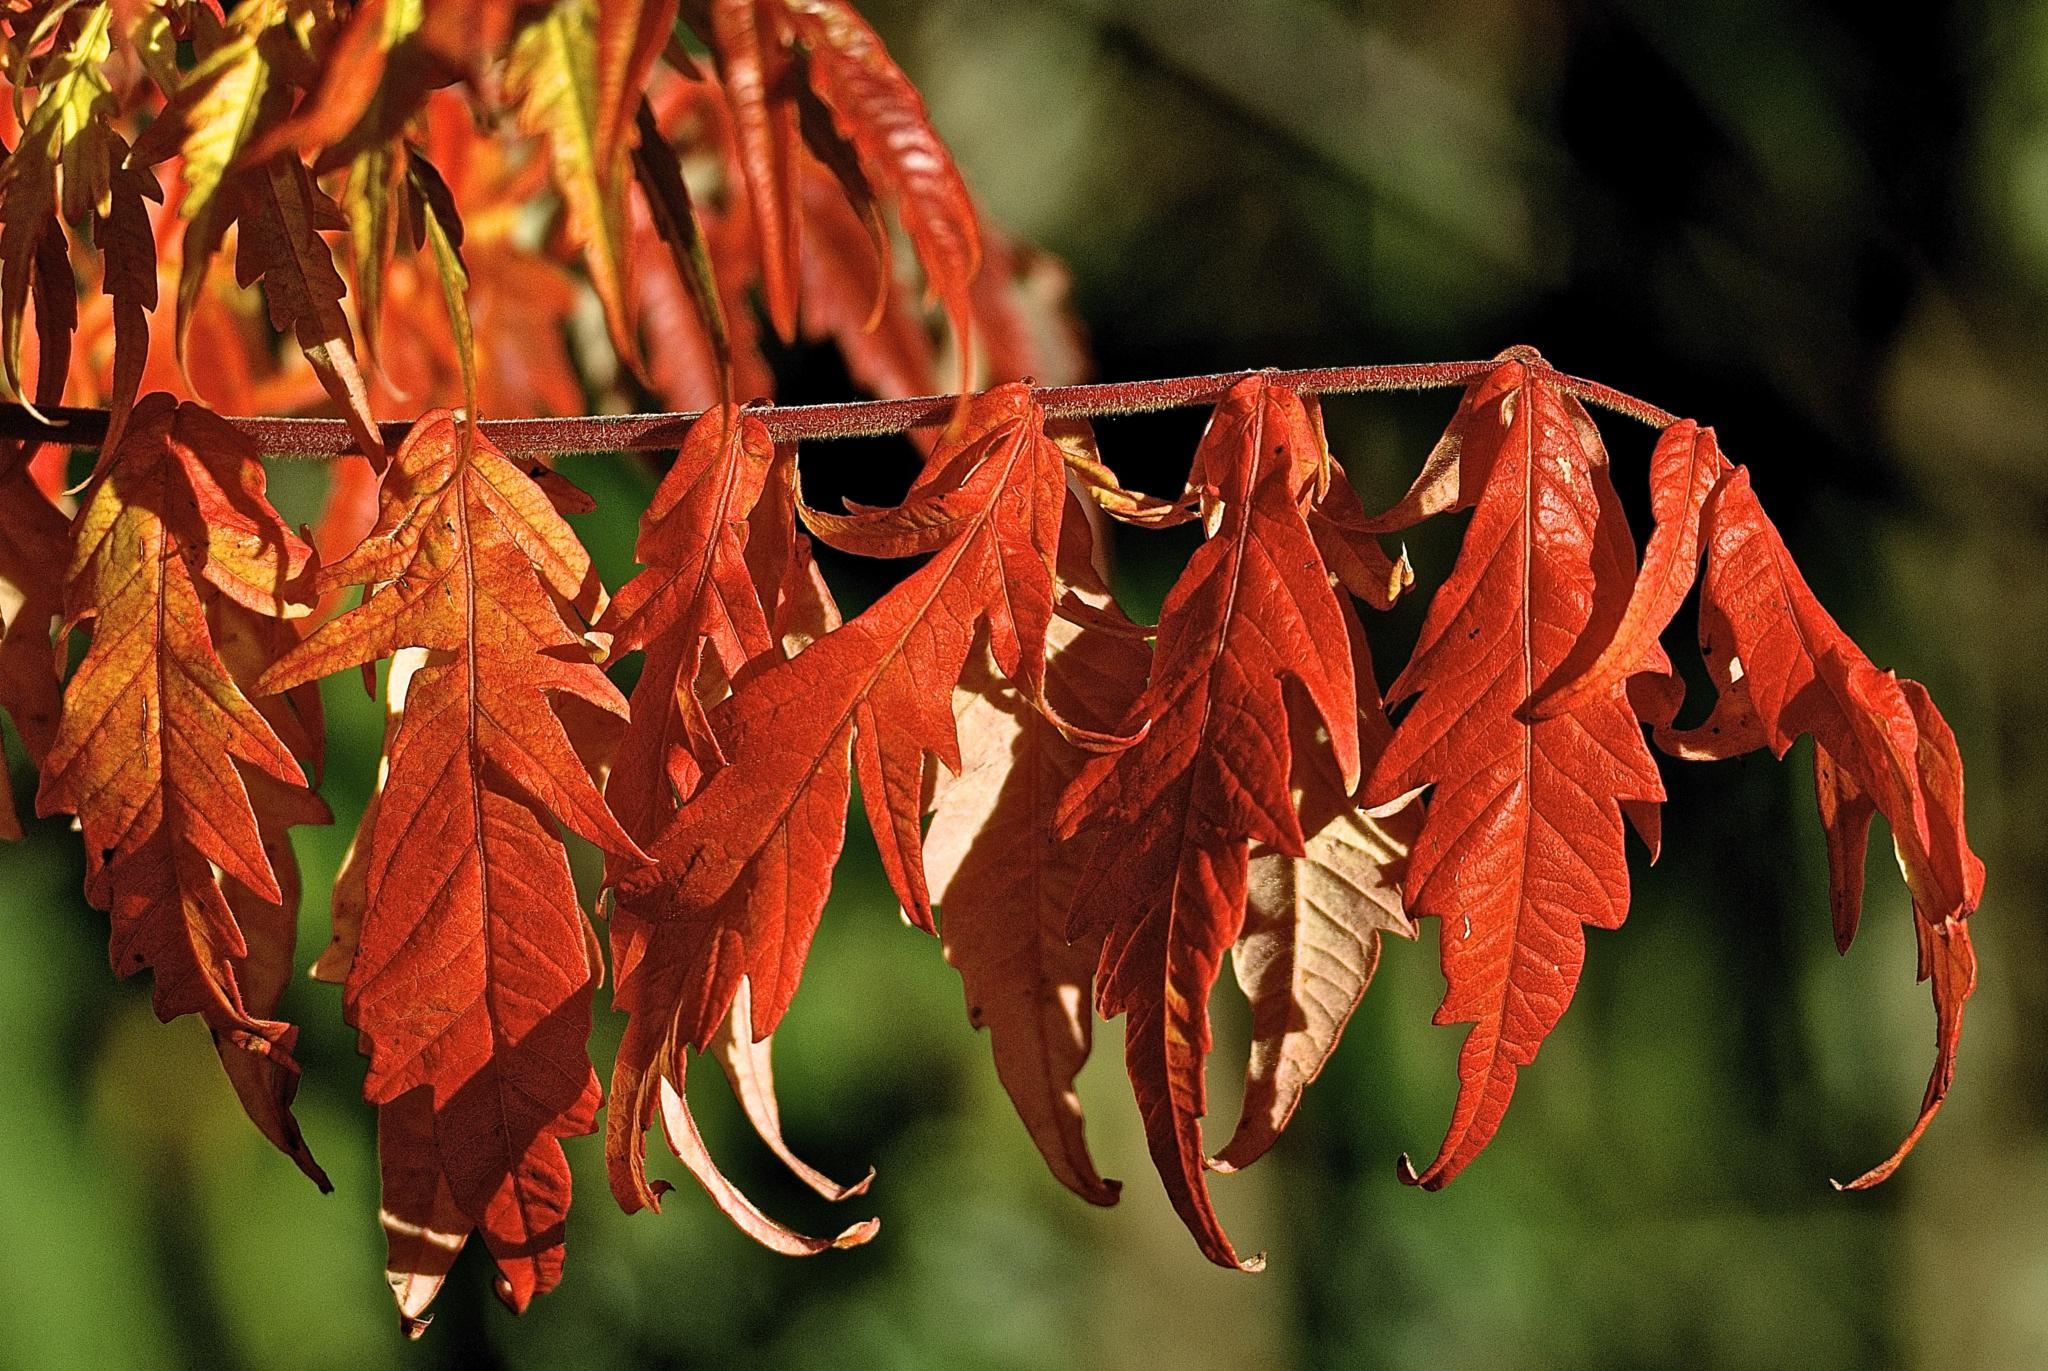 Autumn Reds by gordon veitch